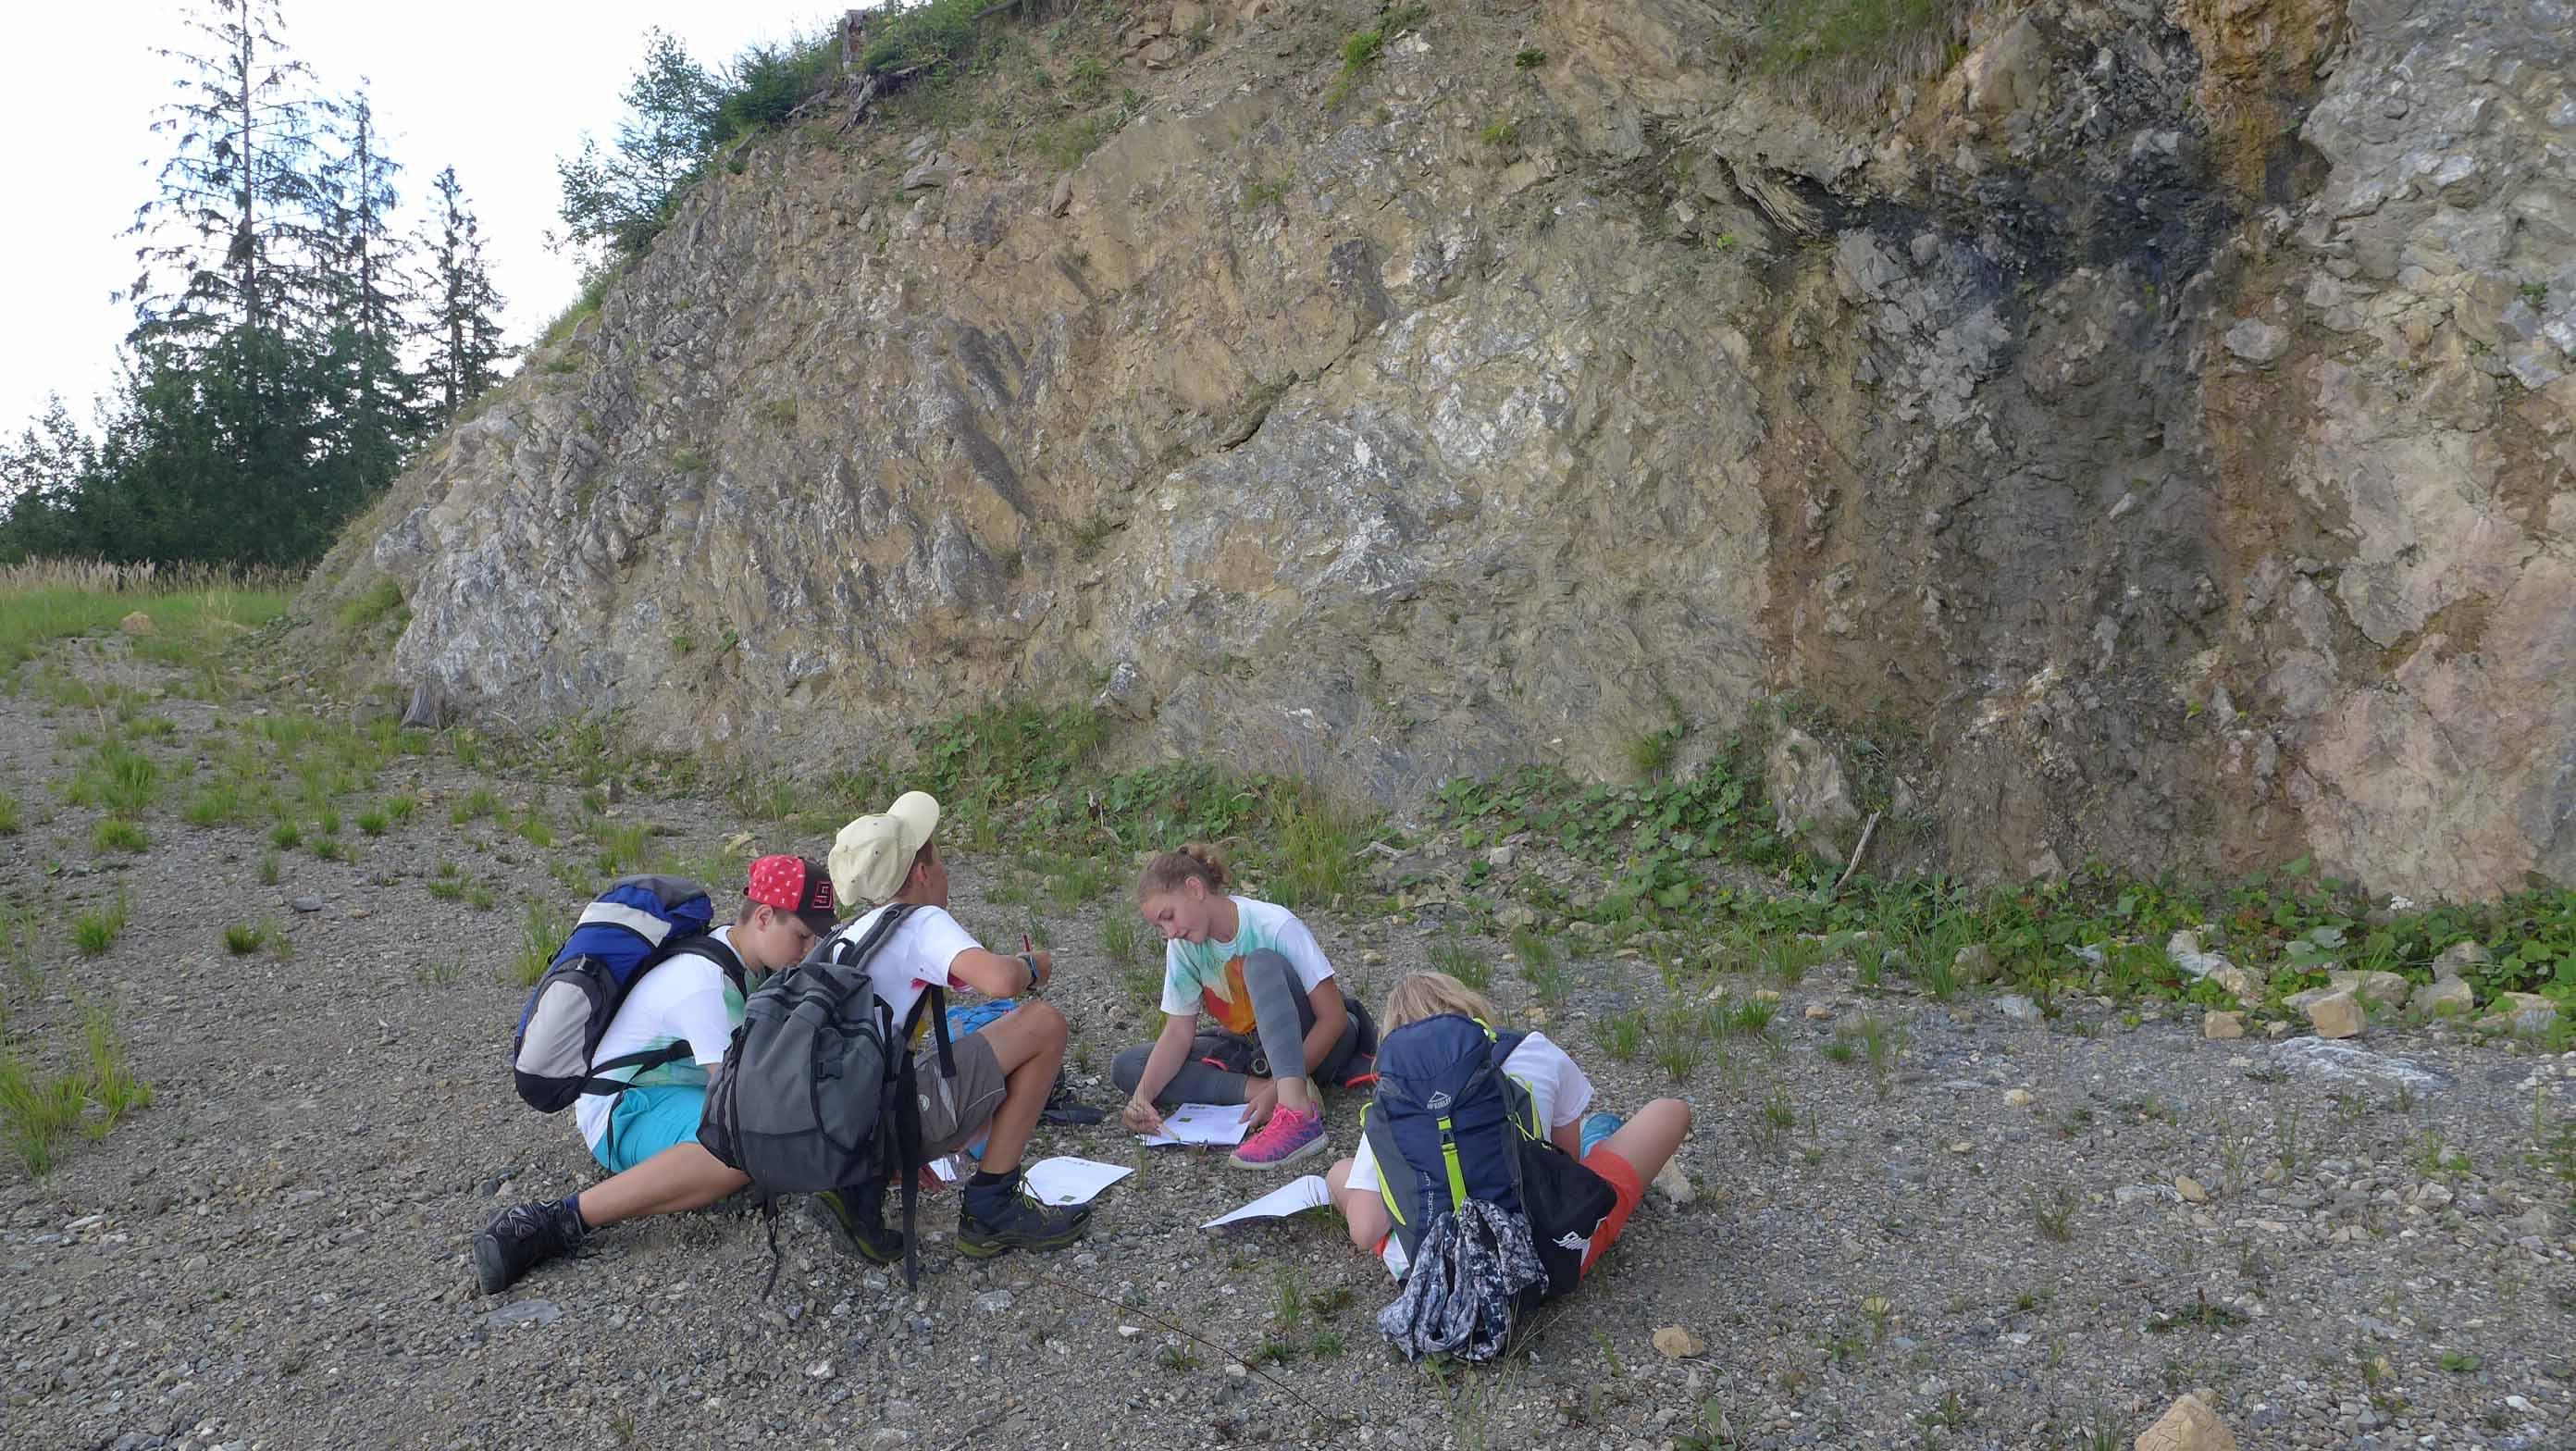 ... und sie sind konzentriert bei der Aufgabe, sich den geologischen Aufschluss genau anzusehen und zu zeichnen!